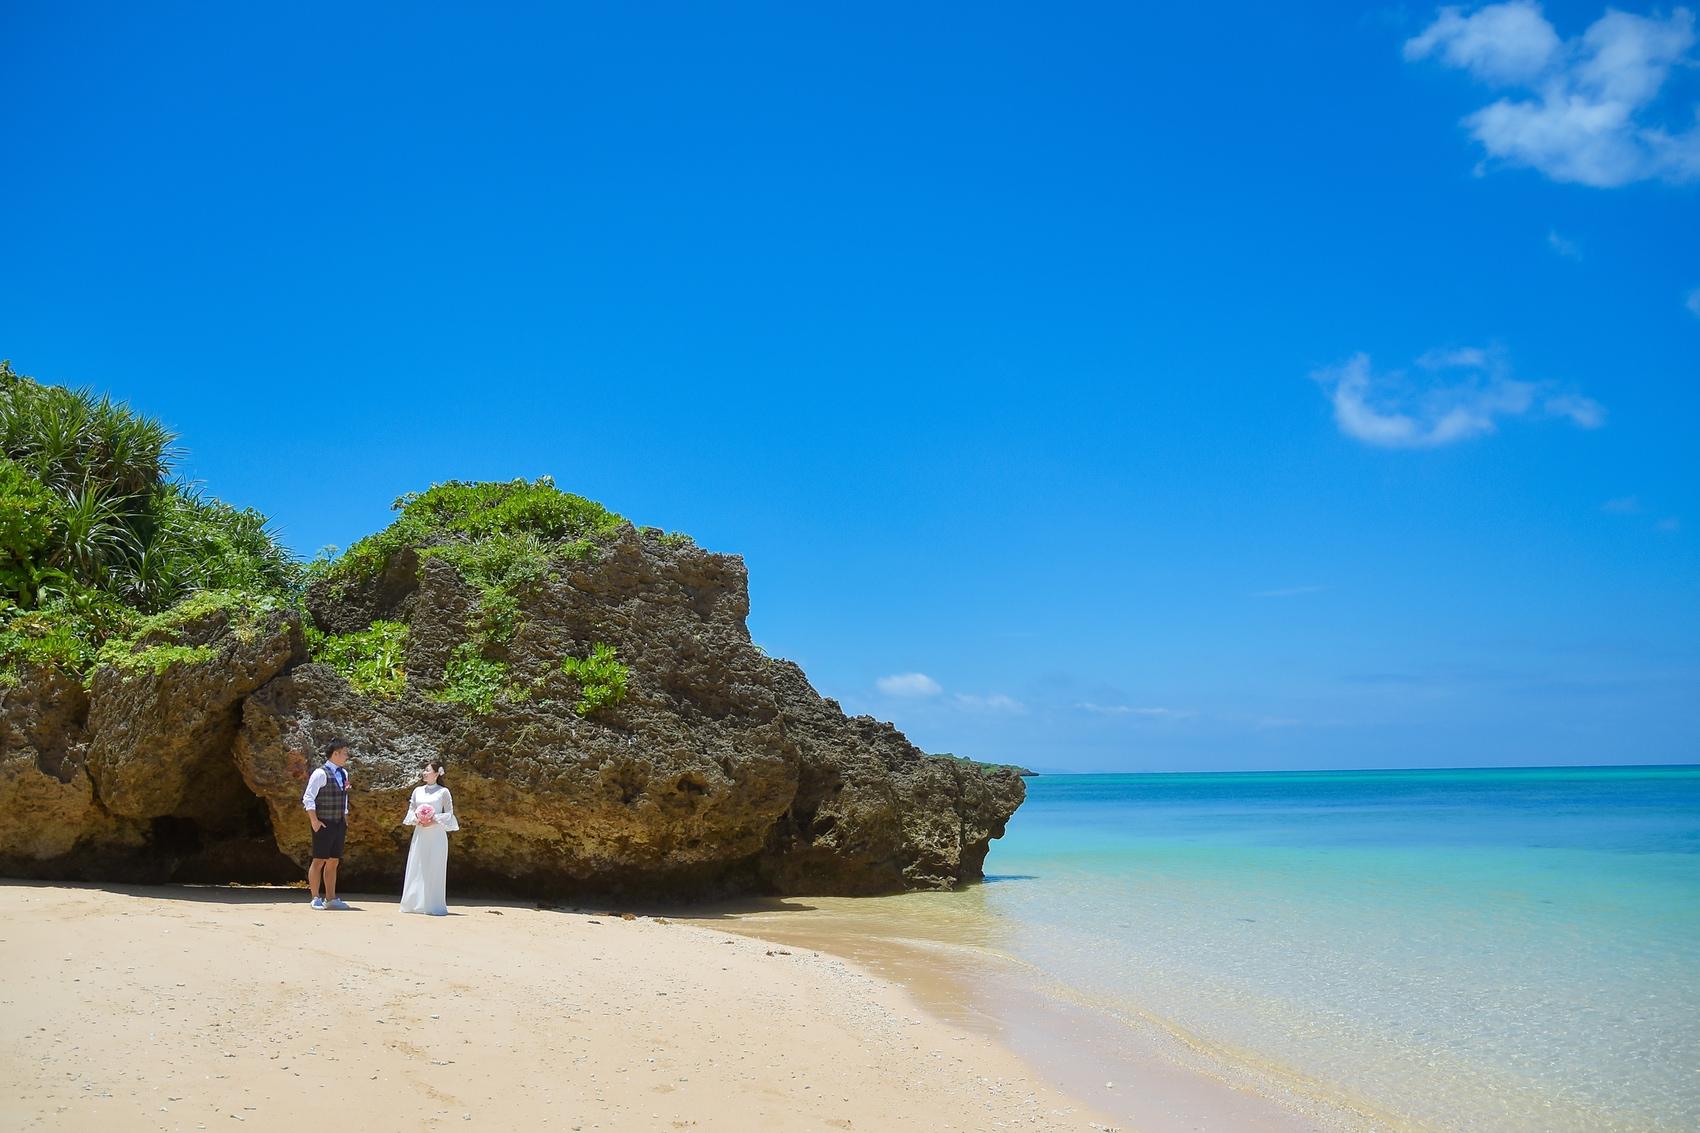 平久保ビーチのサンゴの岩場